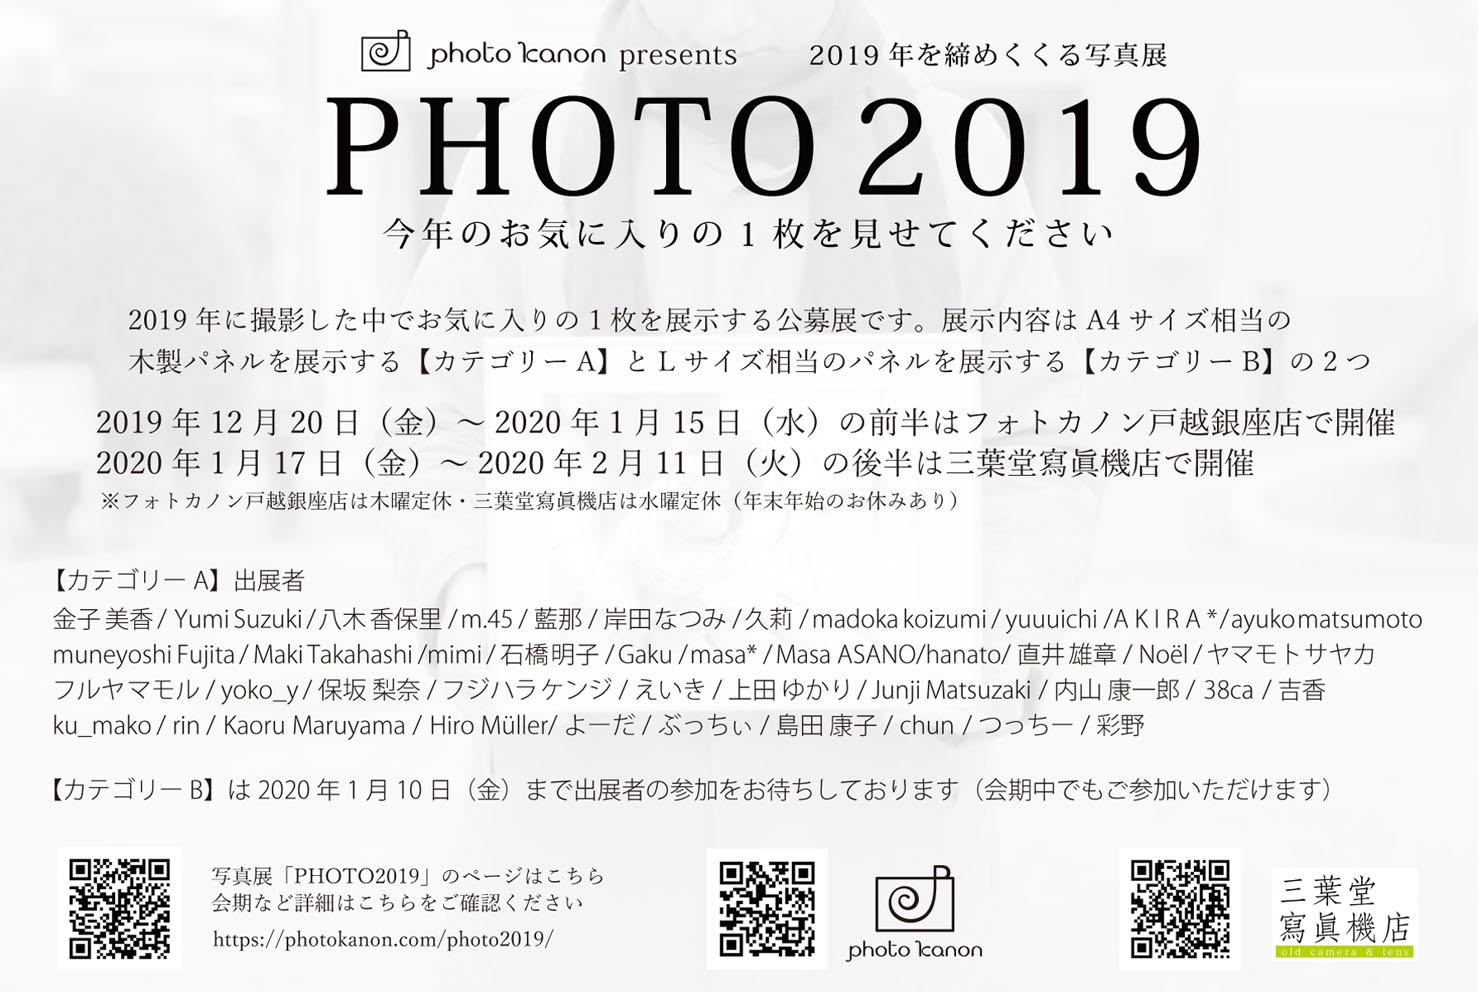 写真展「PHOTO 2019」の告知画像_c0299360_23504172.jpg